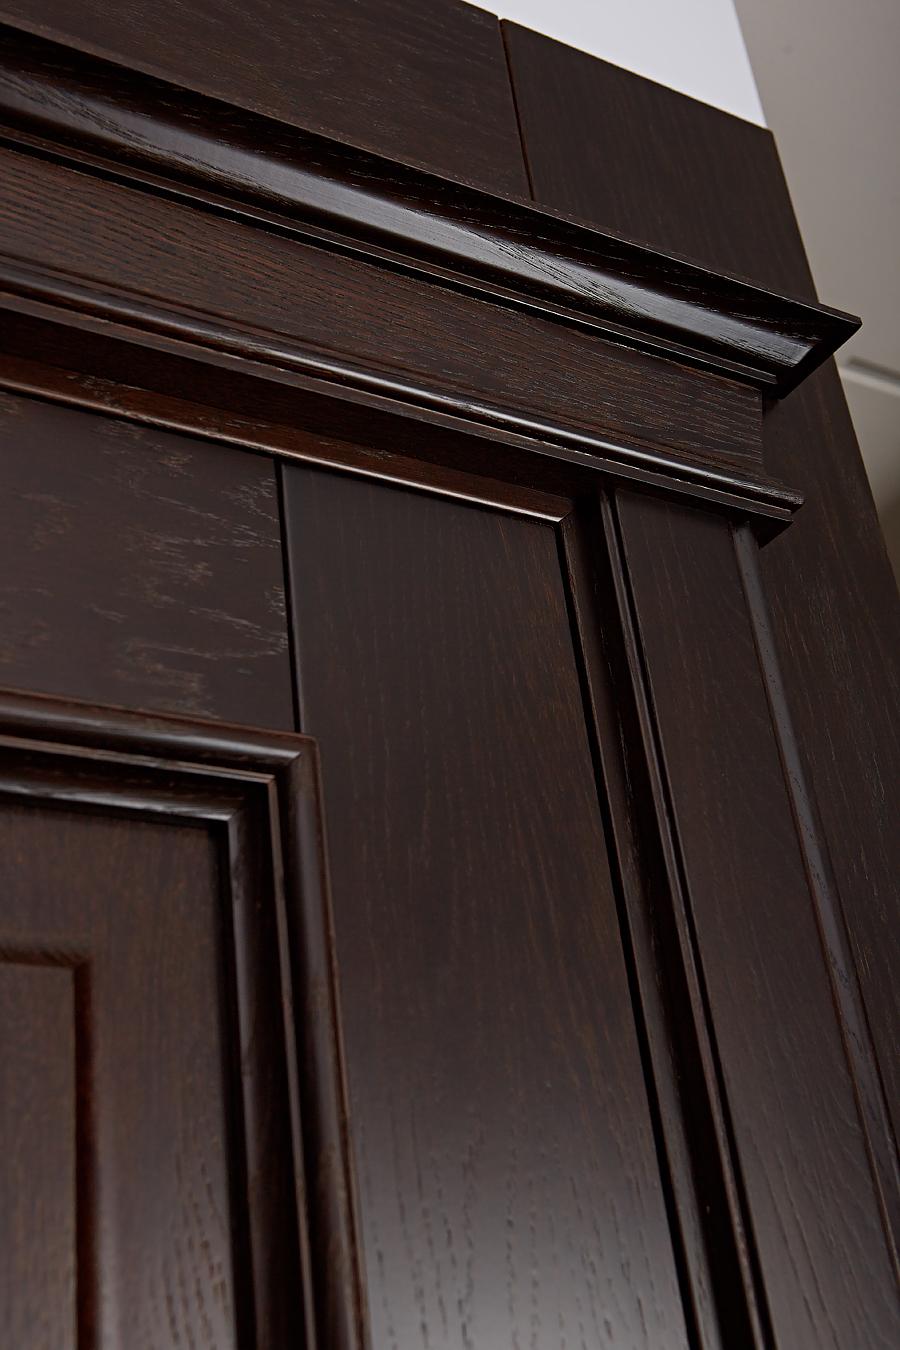 Дверь из массива дуба - Орлеан - увеличенное фото